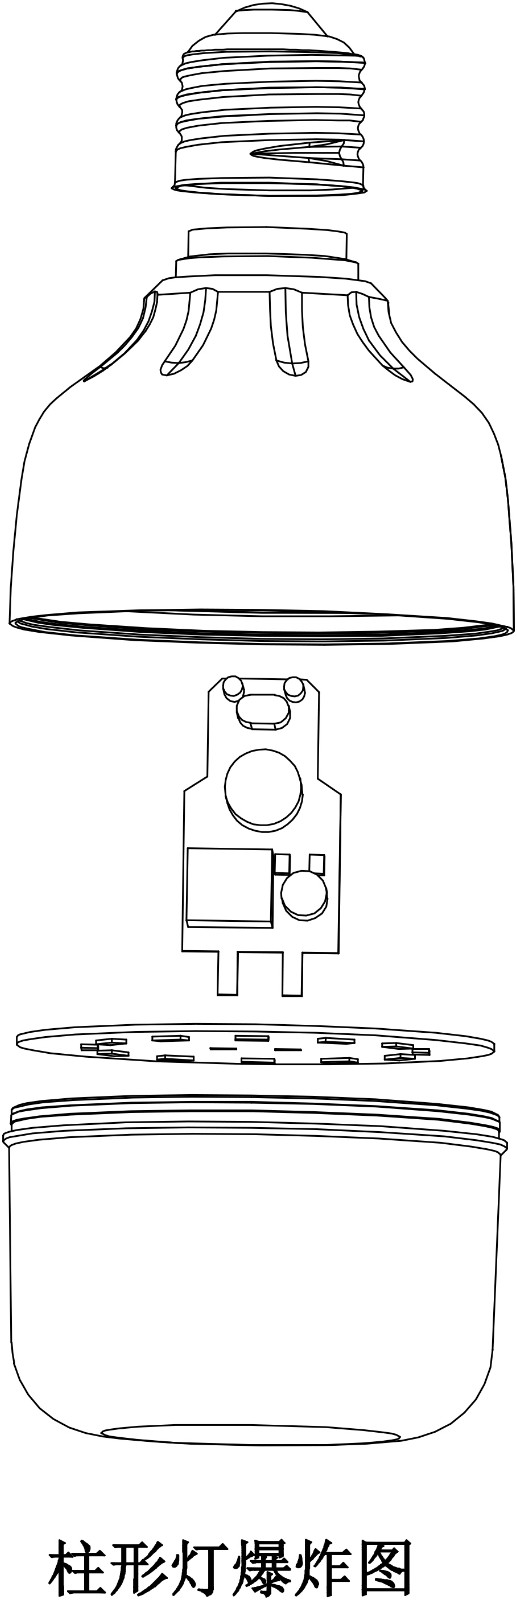 LED 柱泡灯